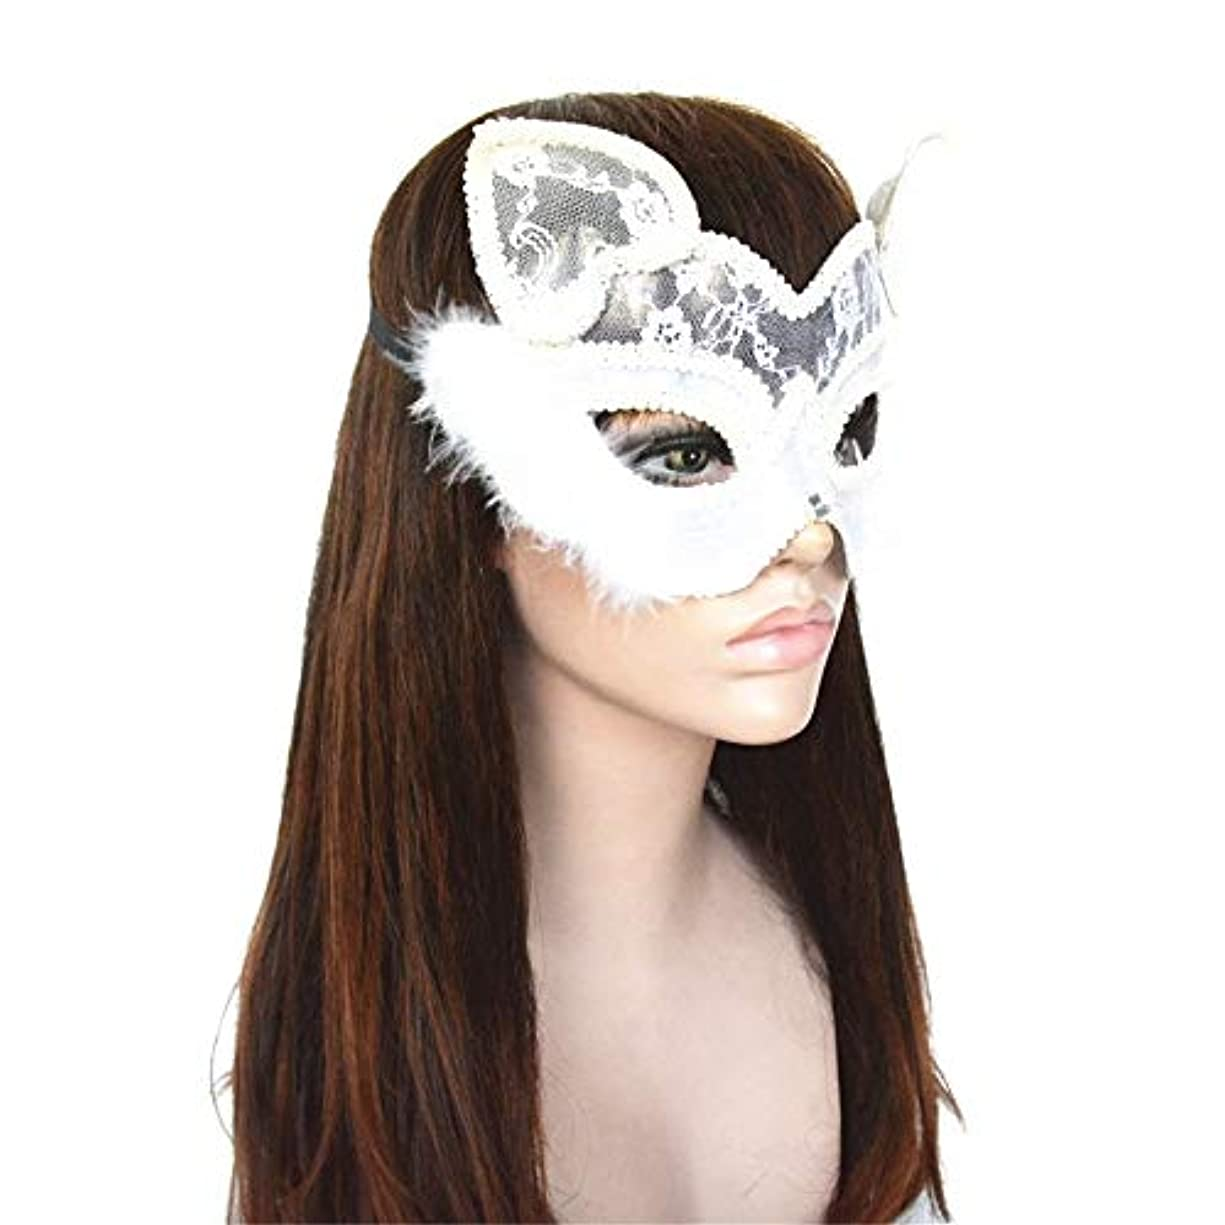 おっと脅かすに負けるダンスマスク レース楽しい女性動物猫顔ポリ塩化ビニールハロウィンマスククリスマス製品コスプレナイトクラブパーティーマスク ホリデーパーティー用品 (色 : 白, サイズ : 19x15.5cm)